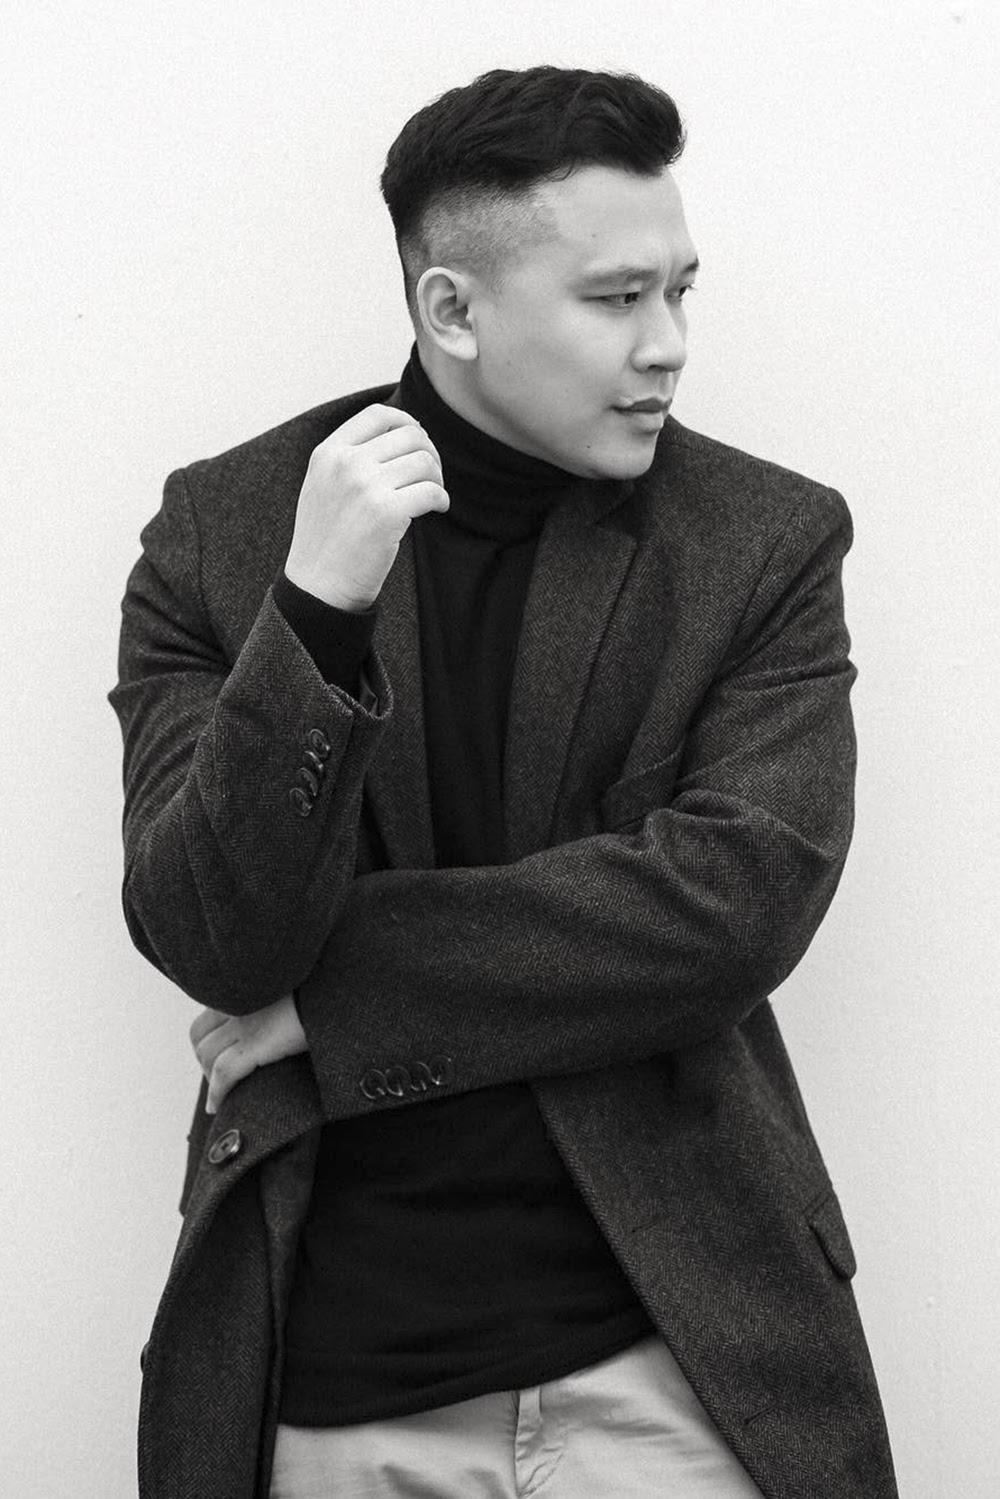 Phim ngắn của đạo diễn Nguyễn Quang Tâm tham gia Liên hoan phim Quốc tế CIMFF 2020 - Hình 4